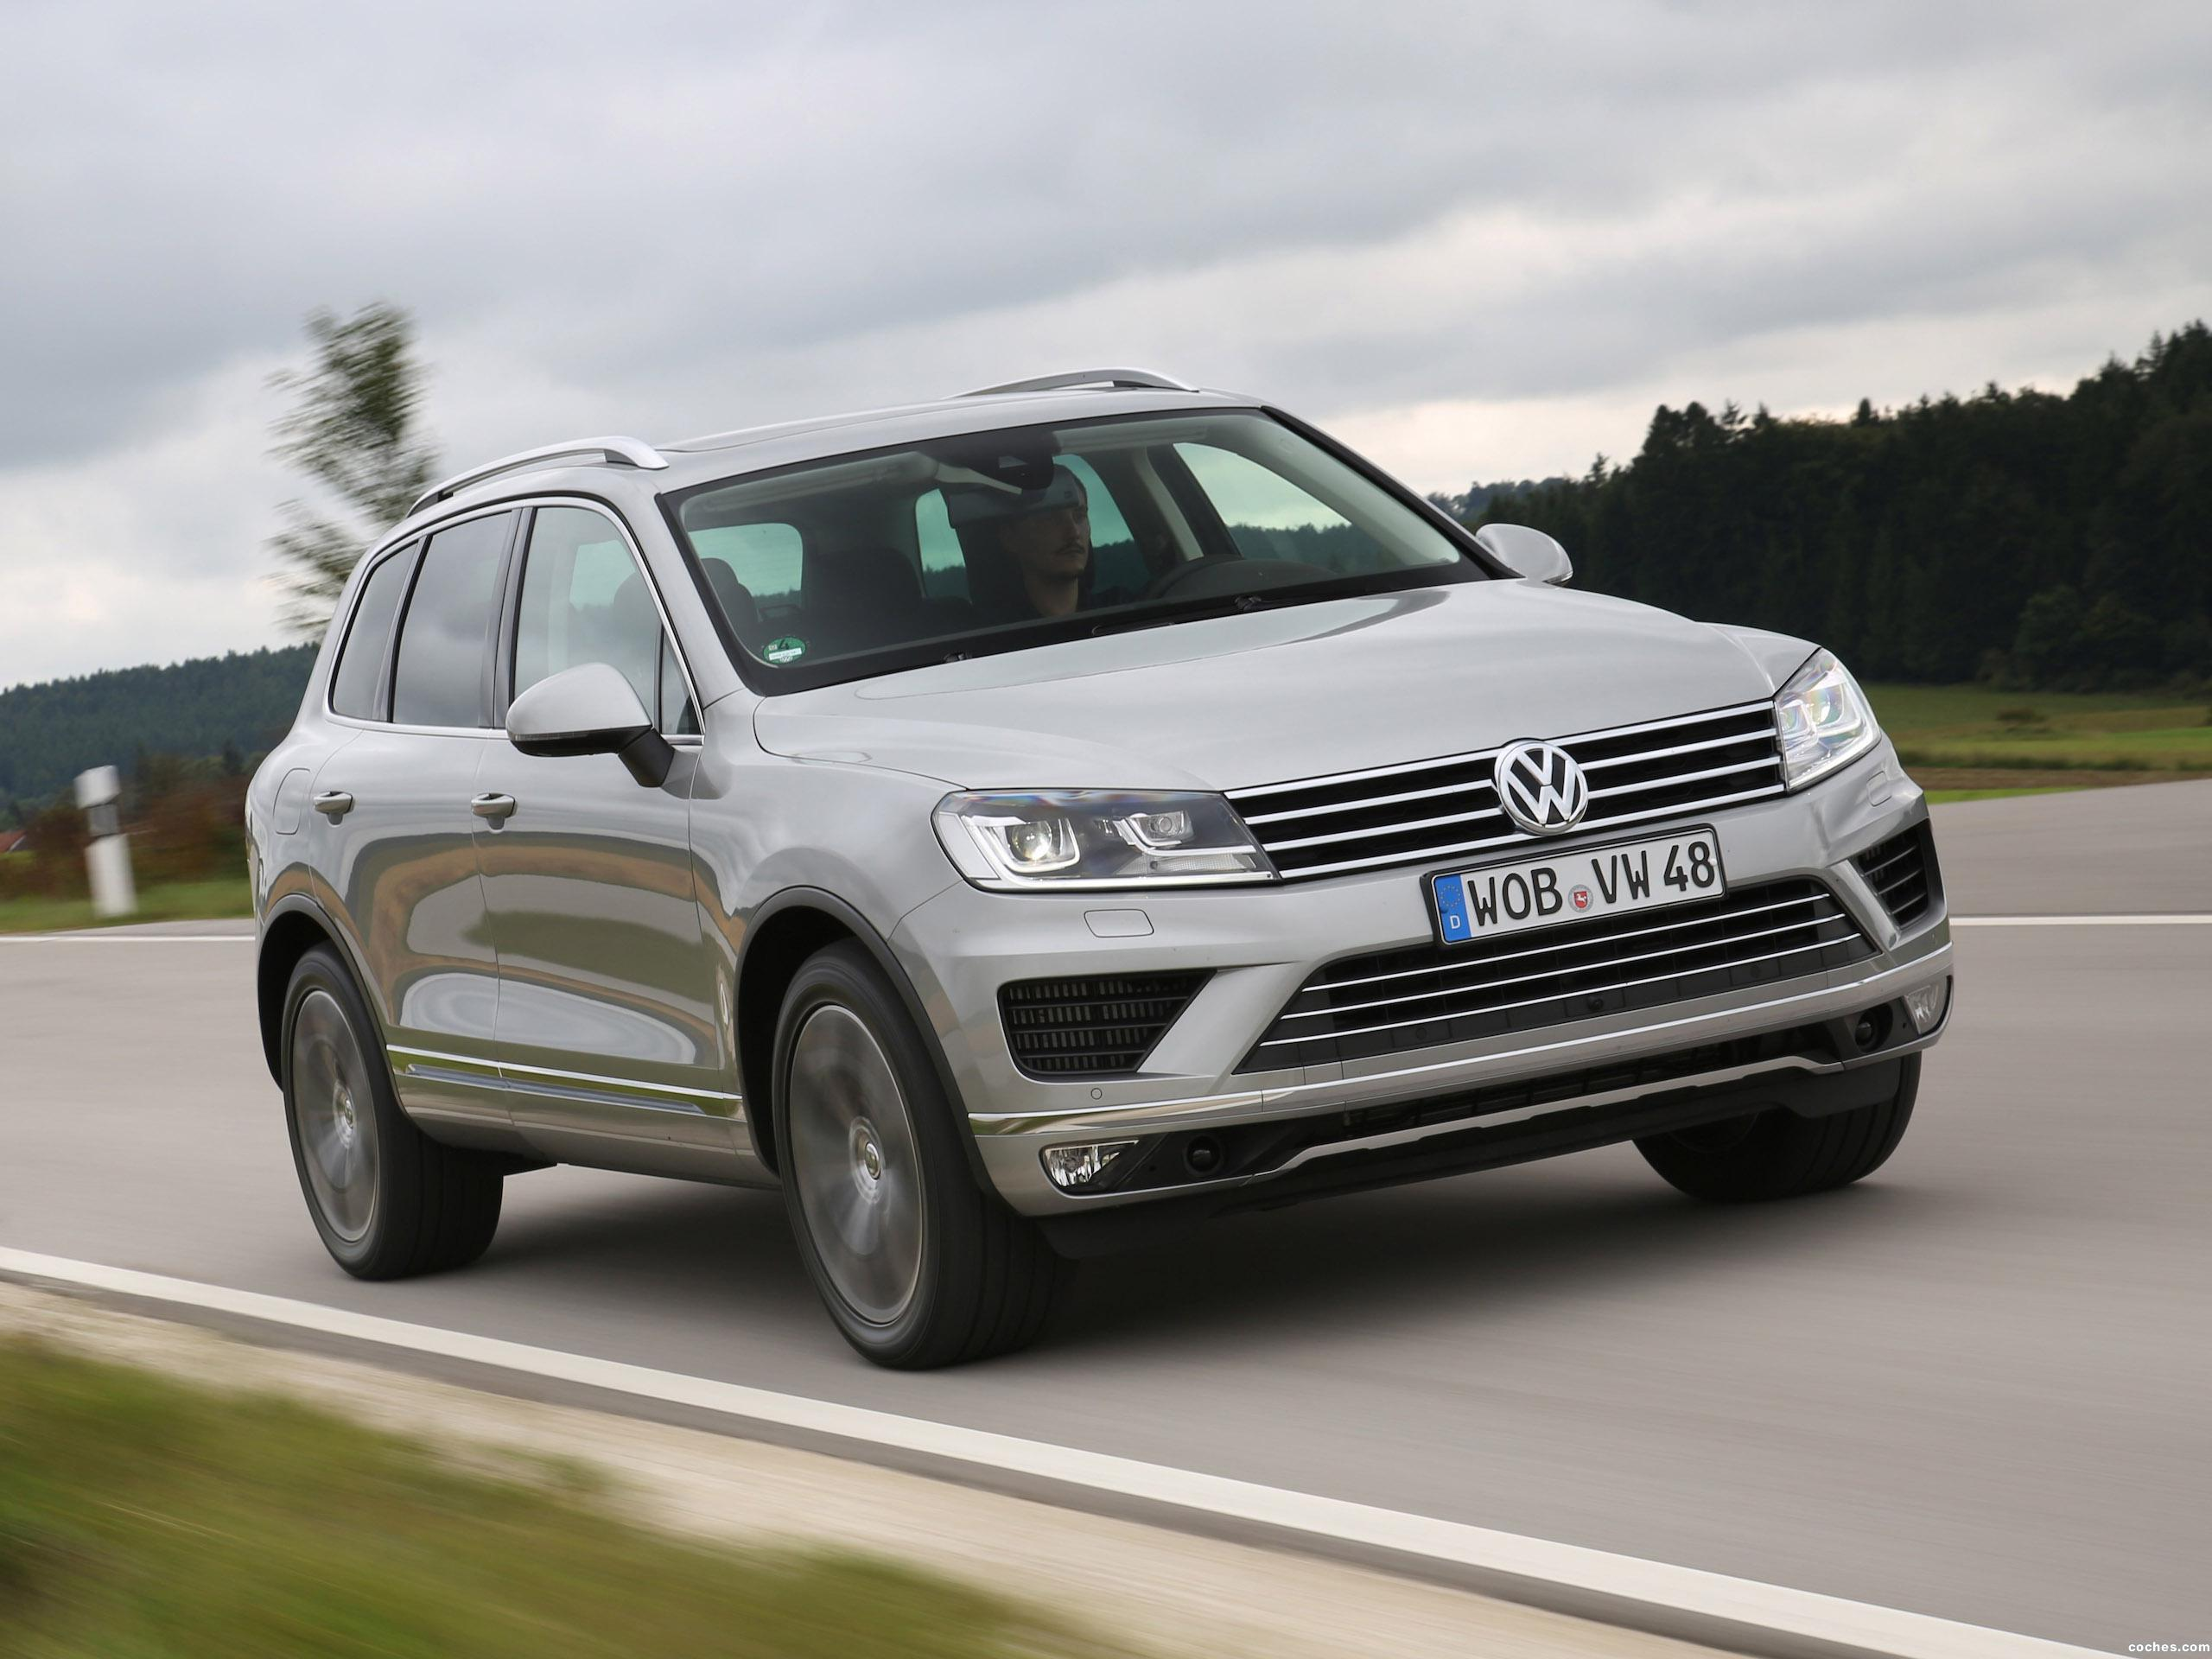 Foto 0 de Volkswagen Touareg V8 TDI 2014